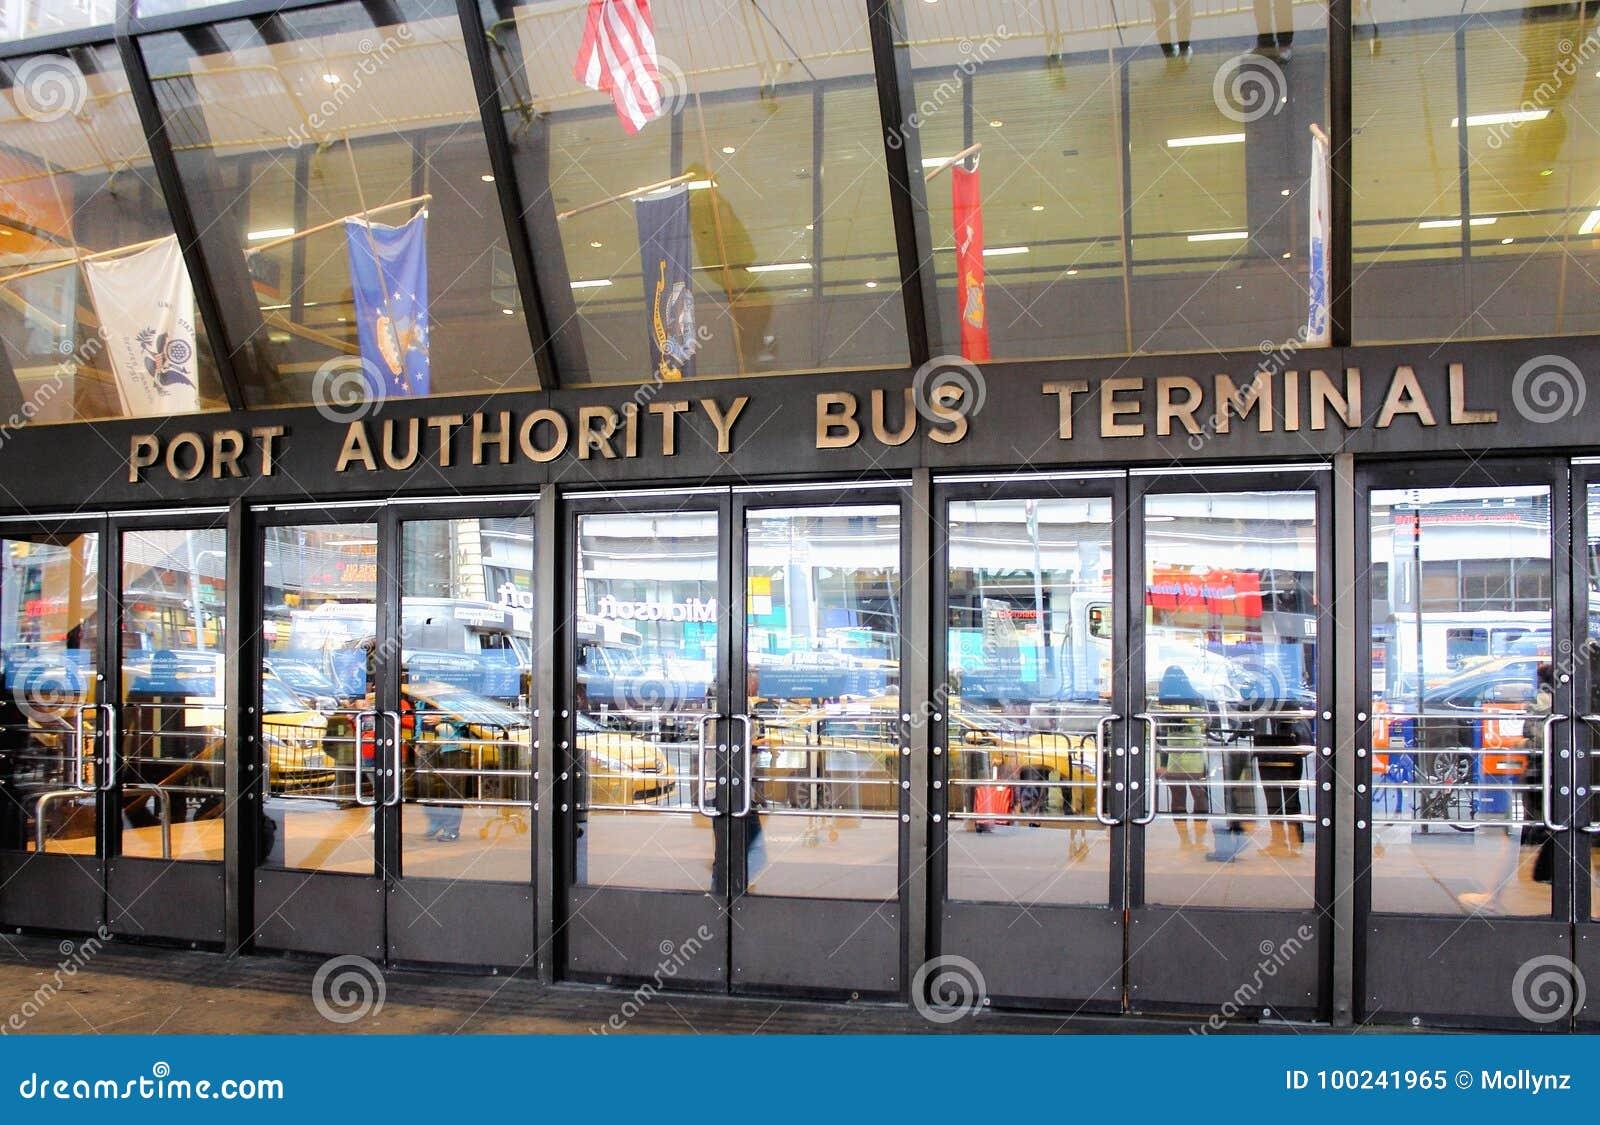 O terminal de ônibus da autoridade portuária